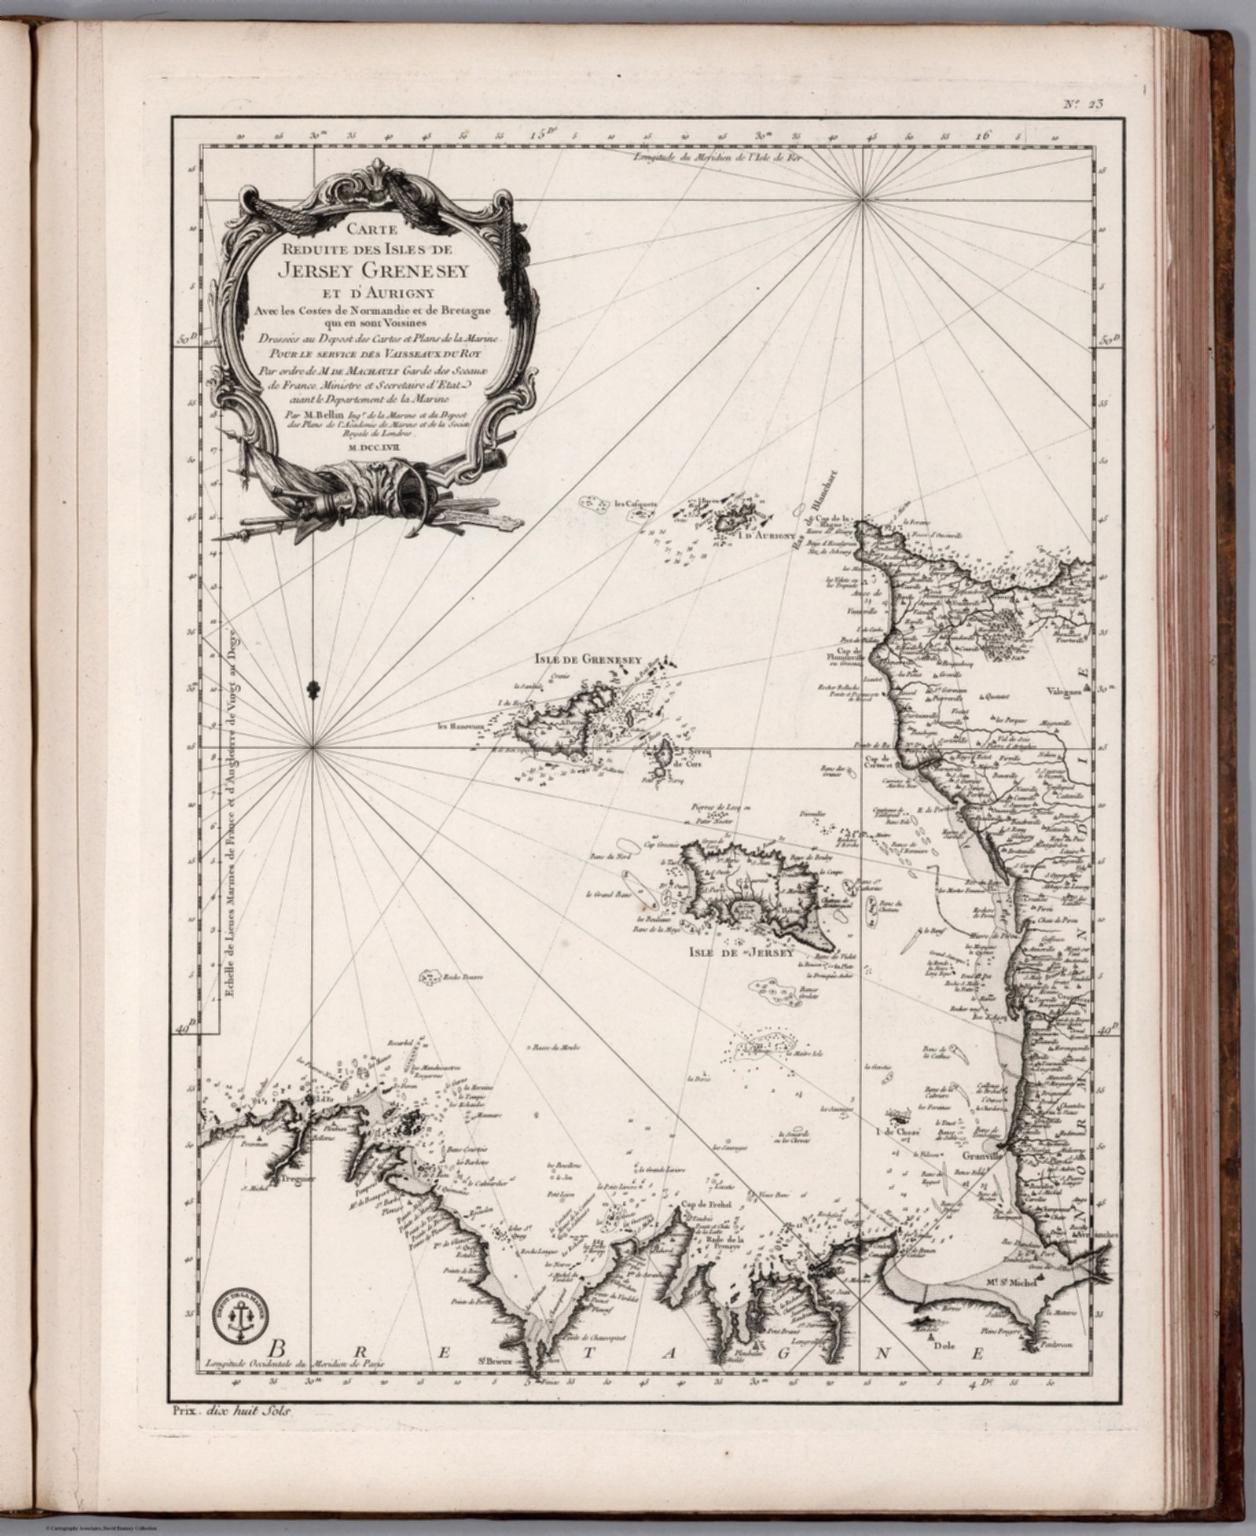 Carte Reduite des Isles de Jersey, Grenesy et d'Aurigny.